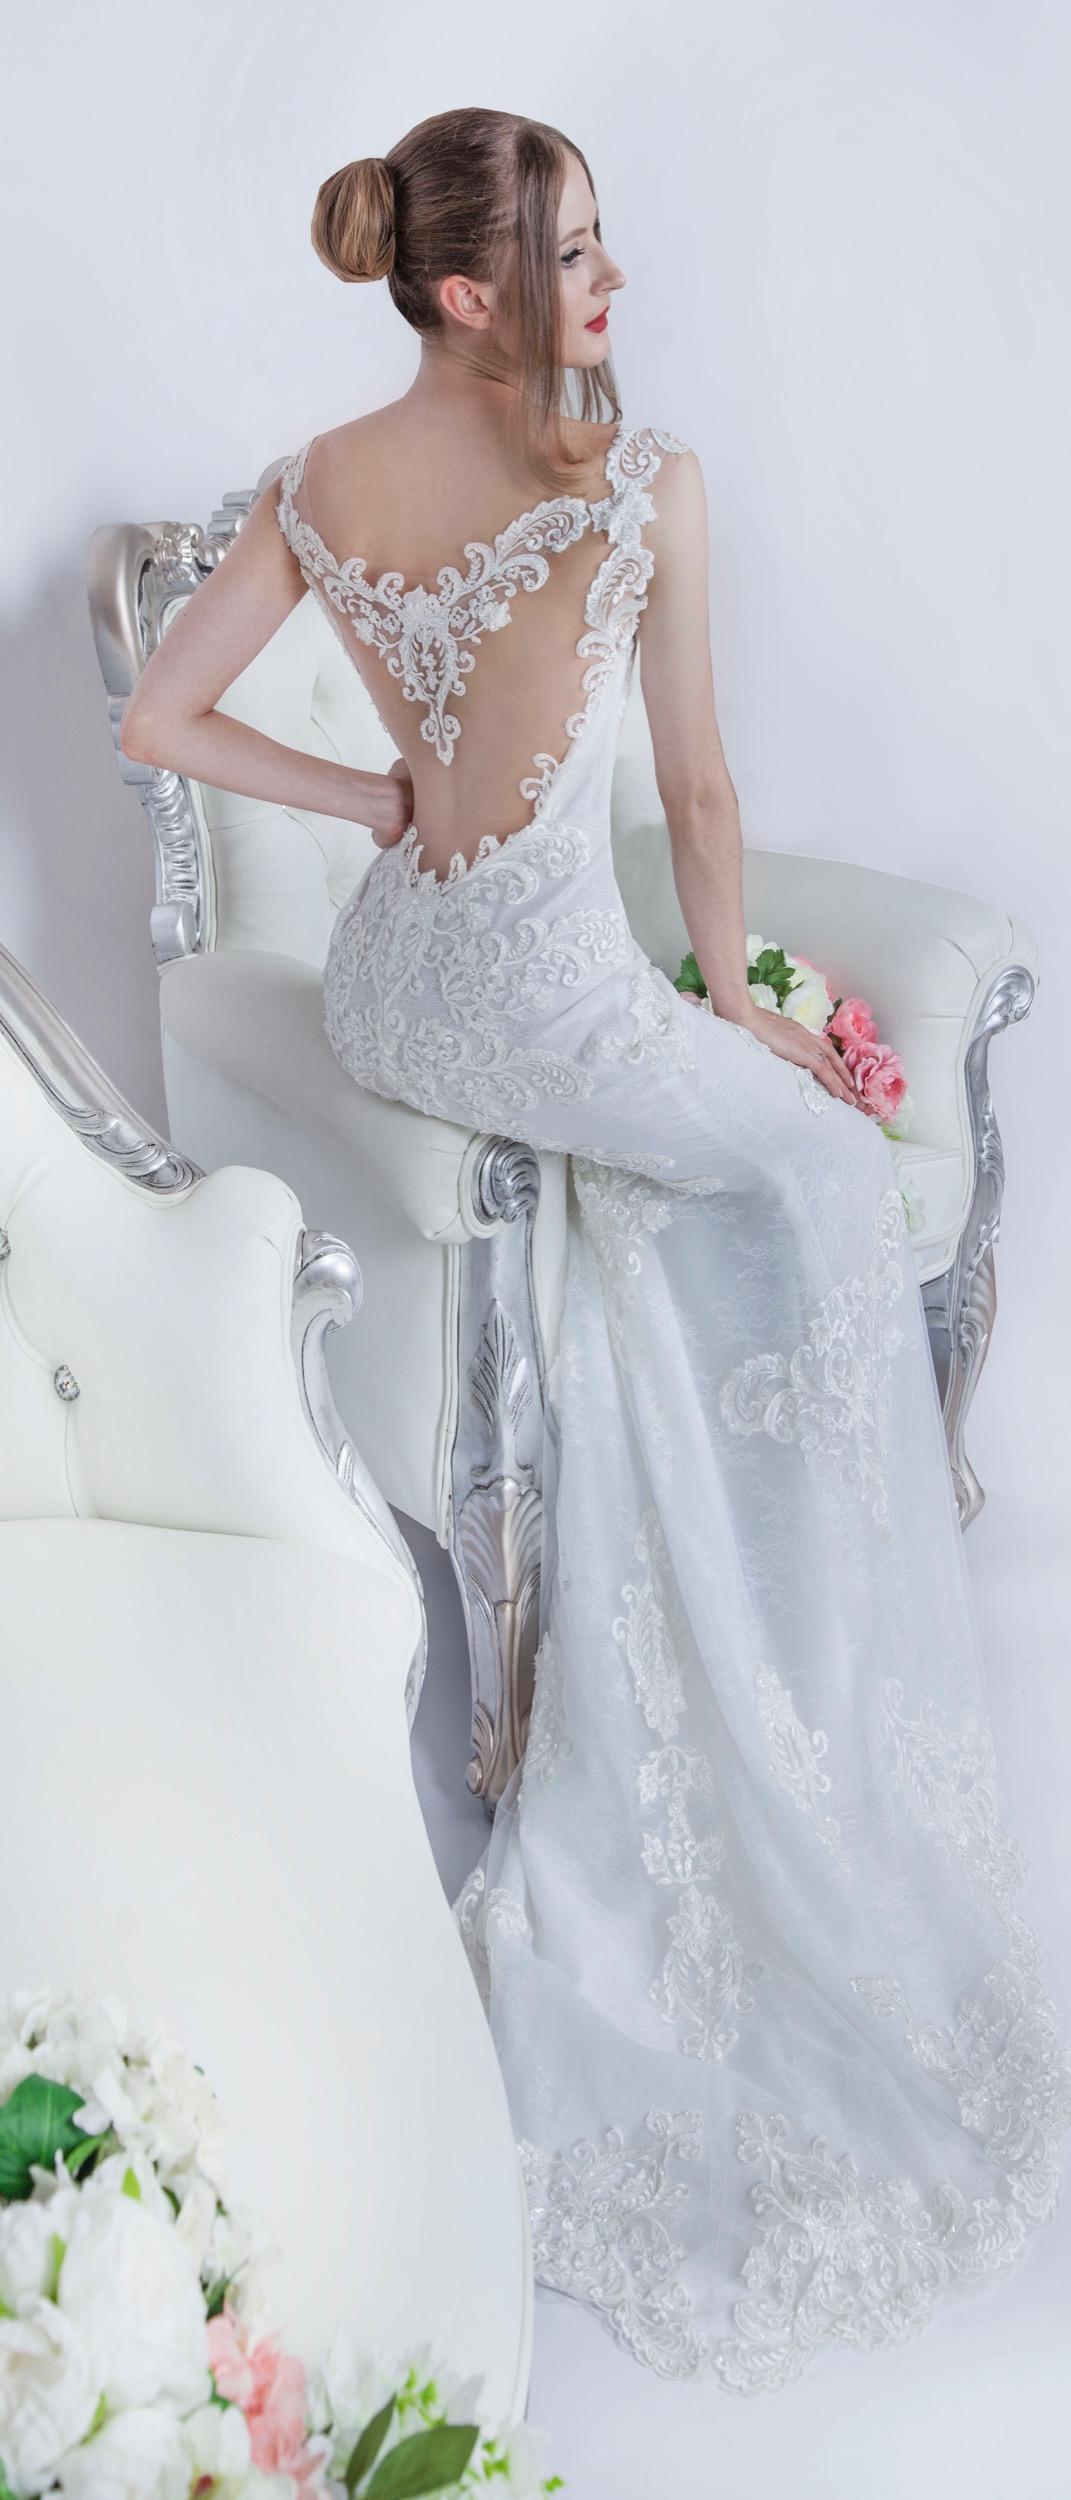 Achat robe de mariée sexy pour une mariée qui ose